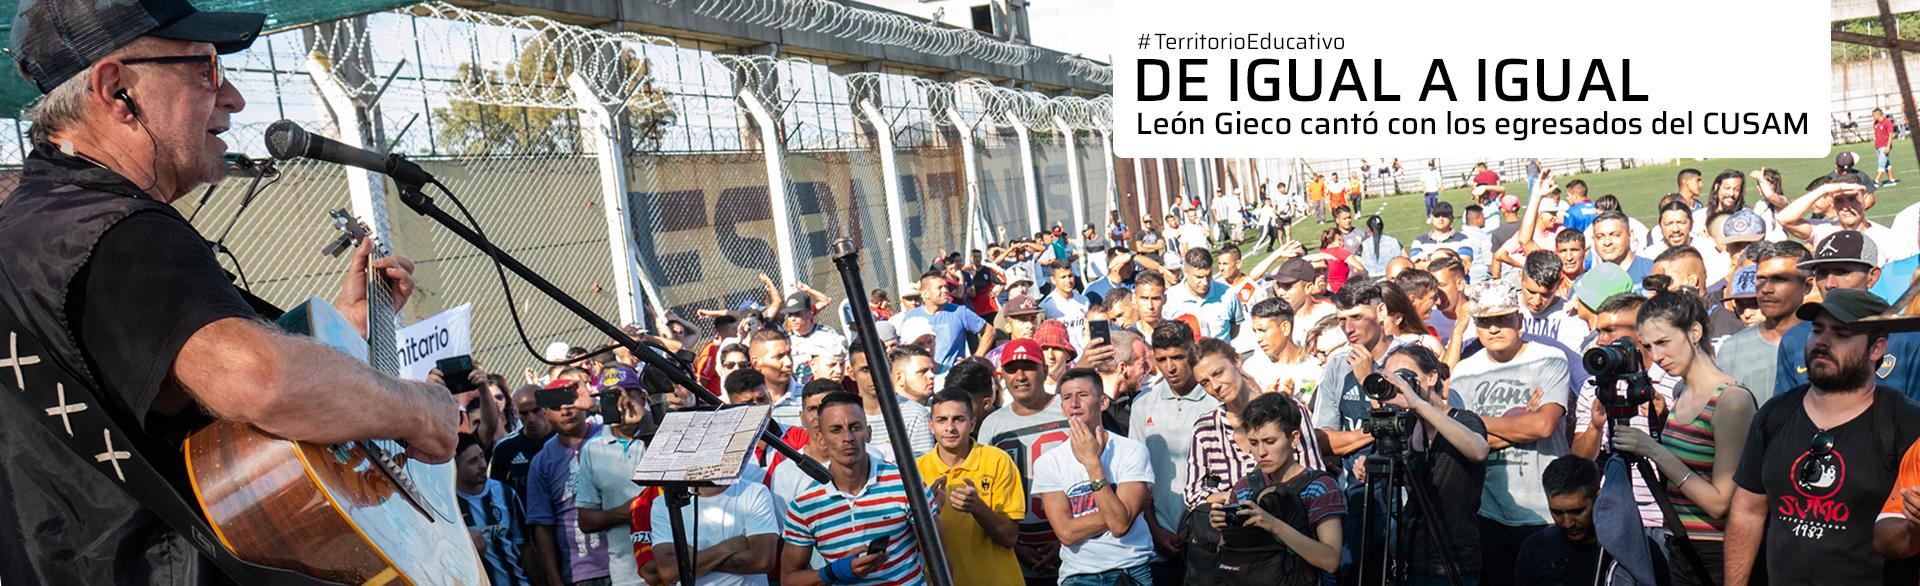 De igual a igual: León Gieco cantó con los egresados del CUSAM